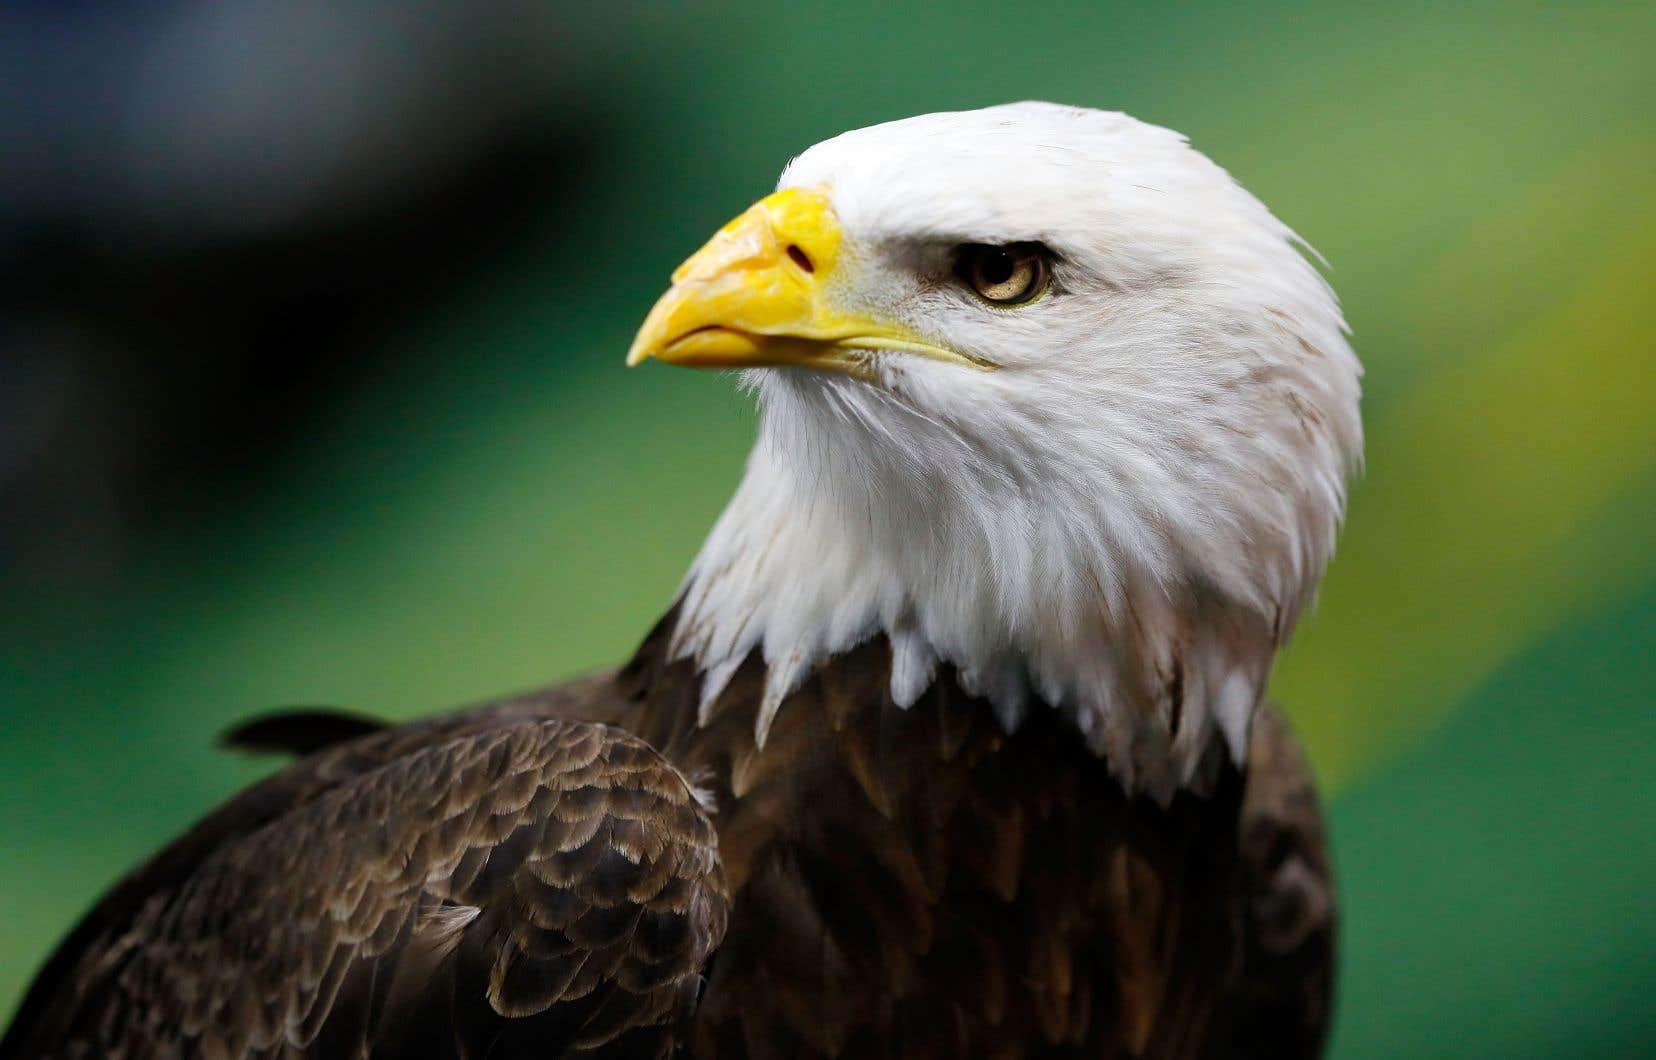 Emblème des États-Unis, le pygargue à tête blanche fait partie des espèces protégées par l'Endangered Species Act adopté il y a 45 ans.